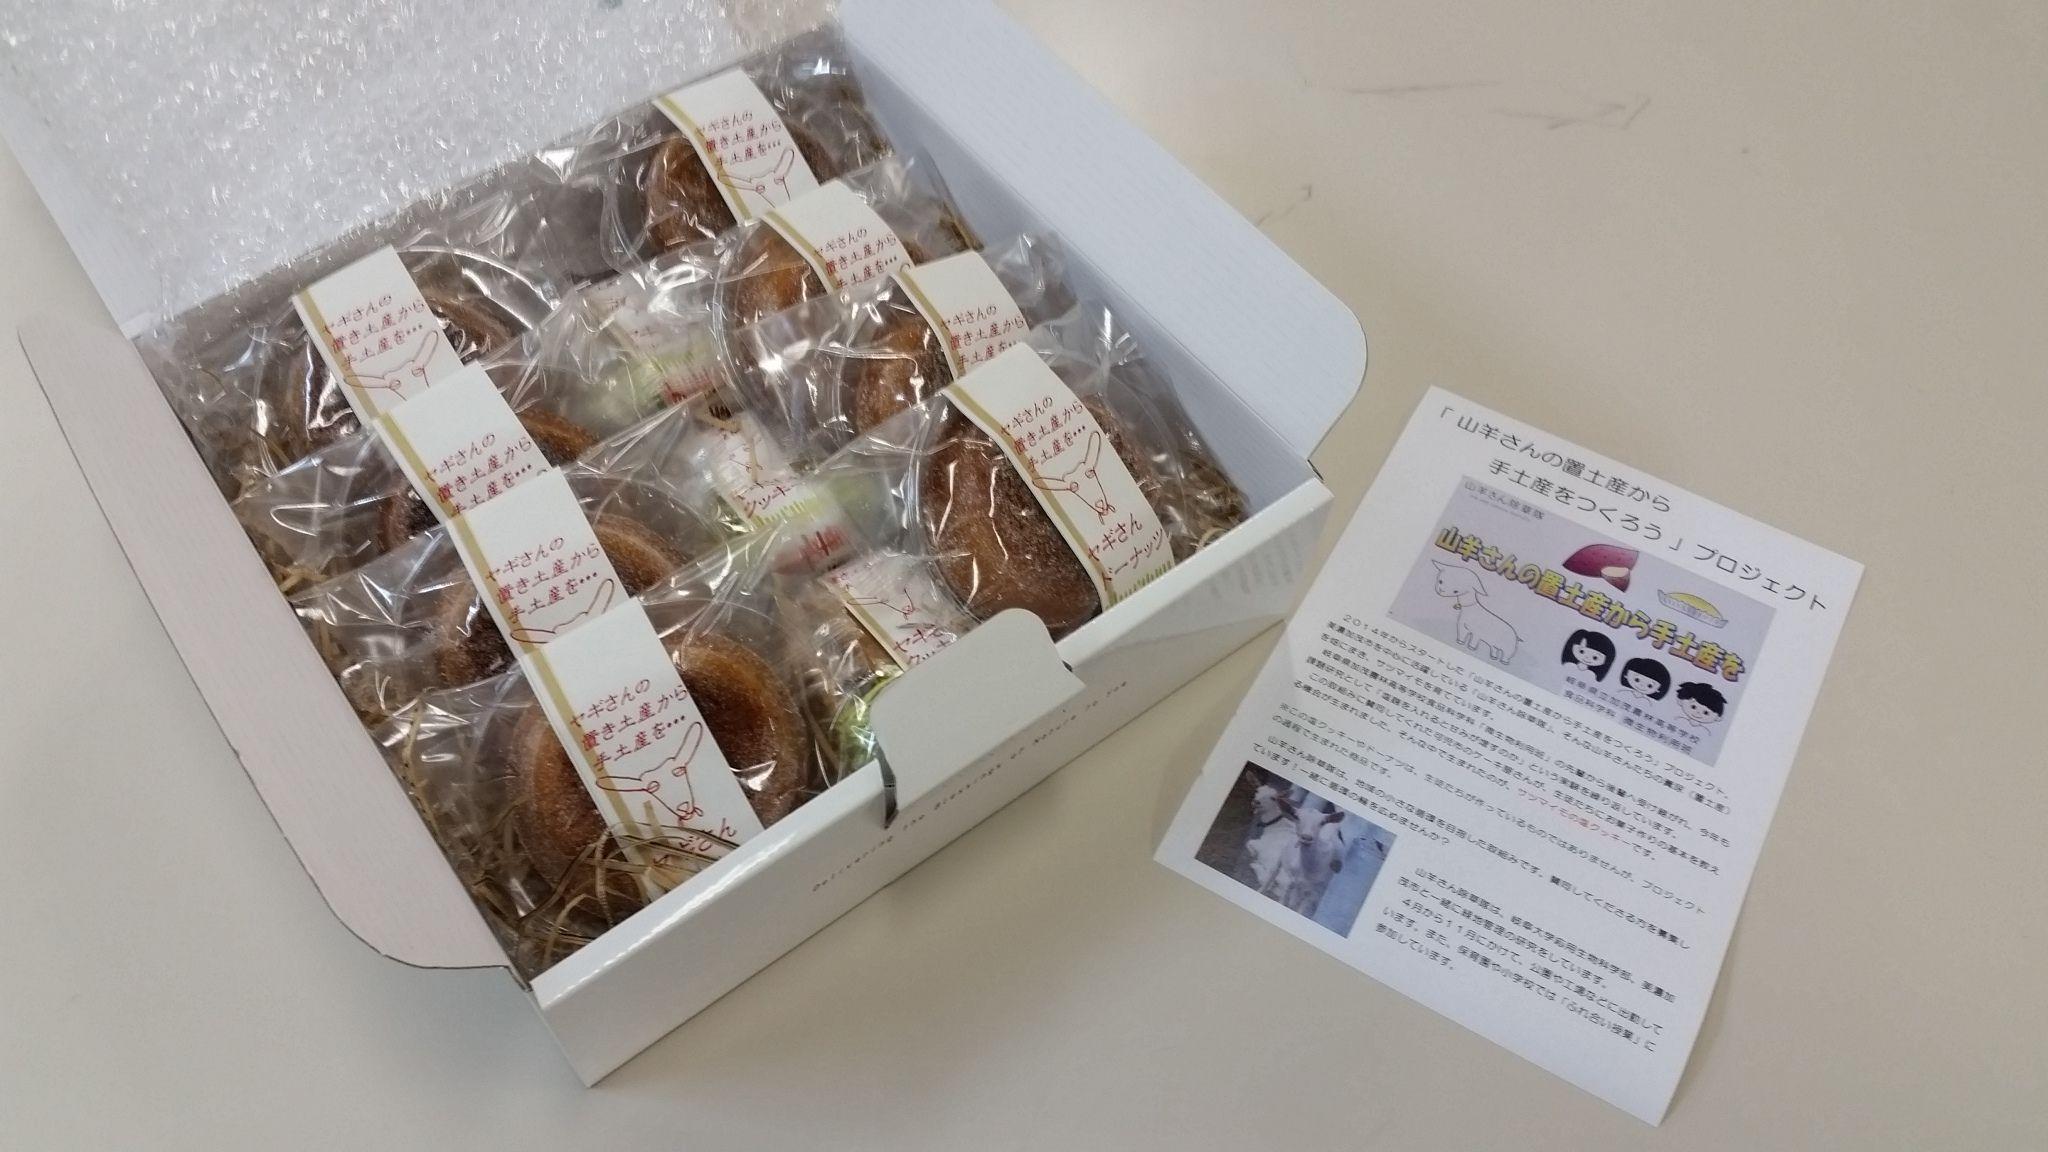 プロジェクトから生まれた「ヤギさんドーナツ」を返礼品としてお送りいたします。山羊さんの肥料で育てたサツマイモを使った焼きドーナツです